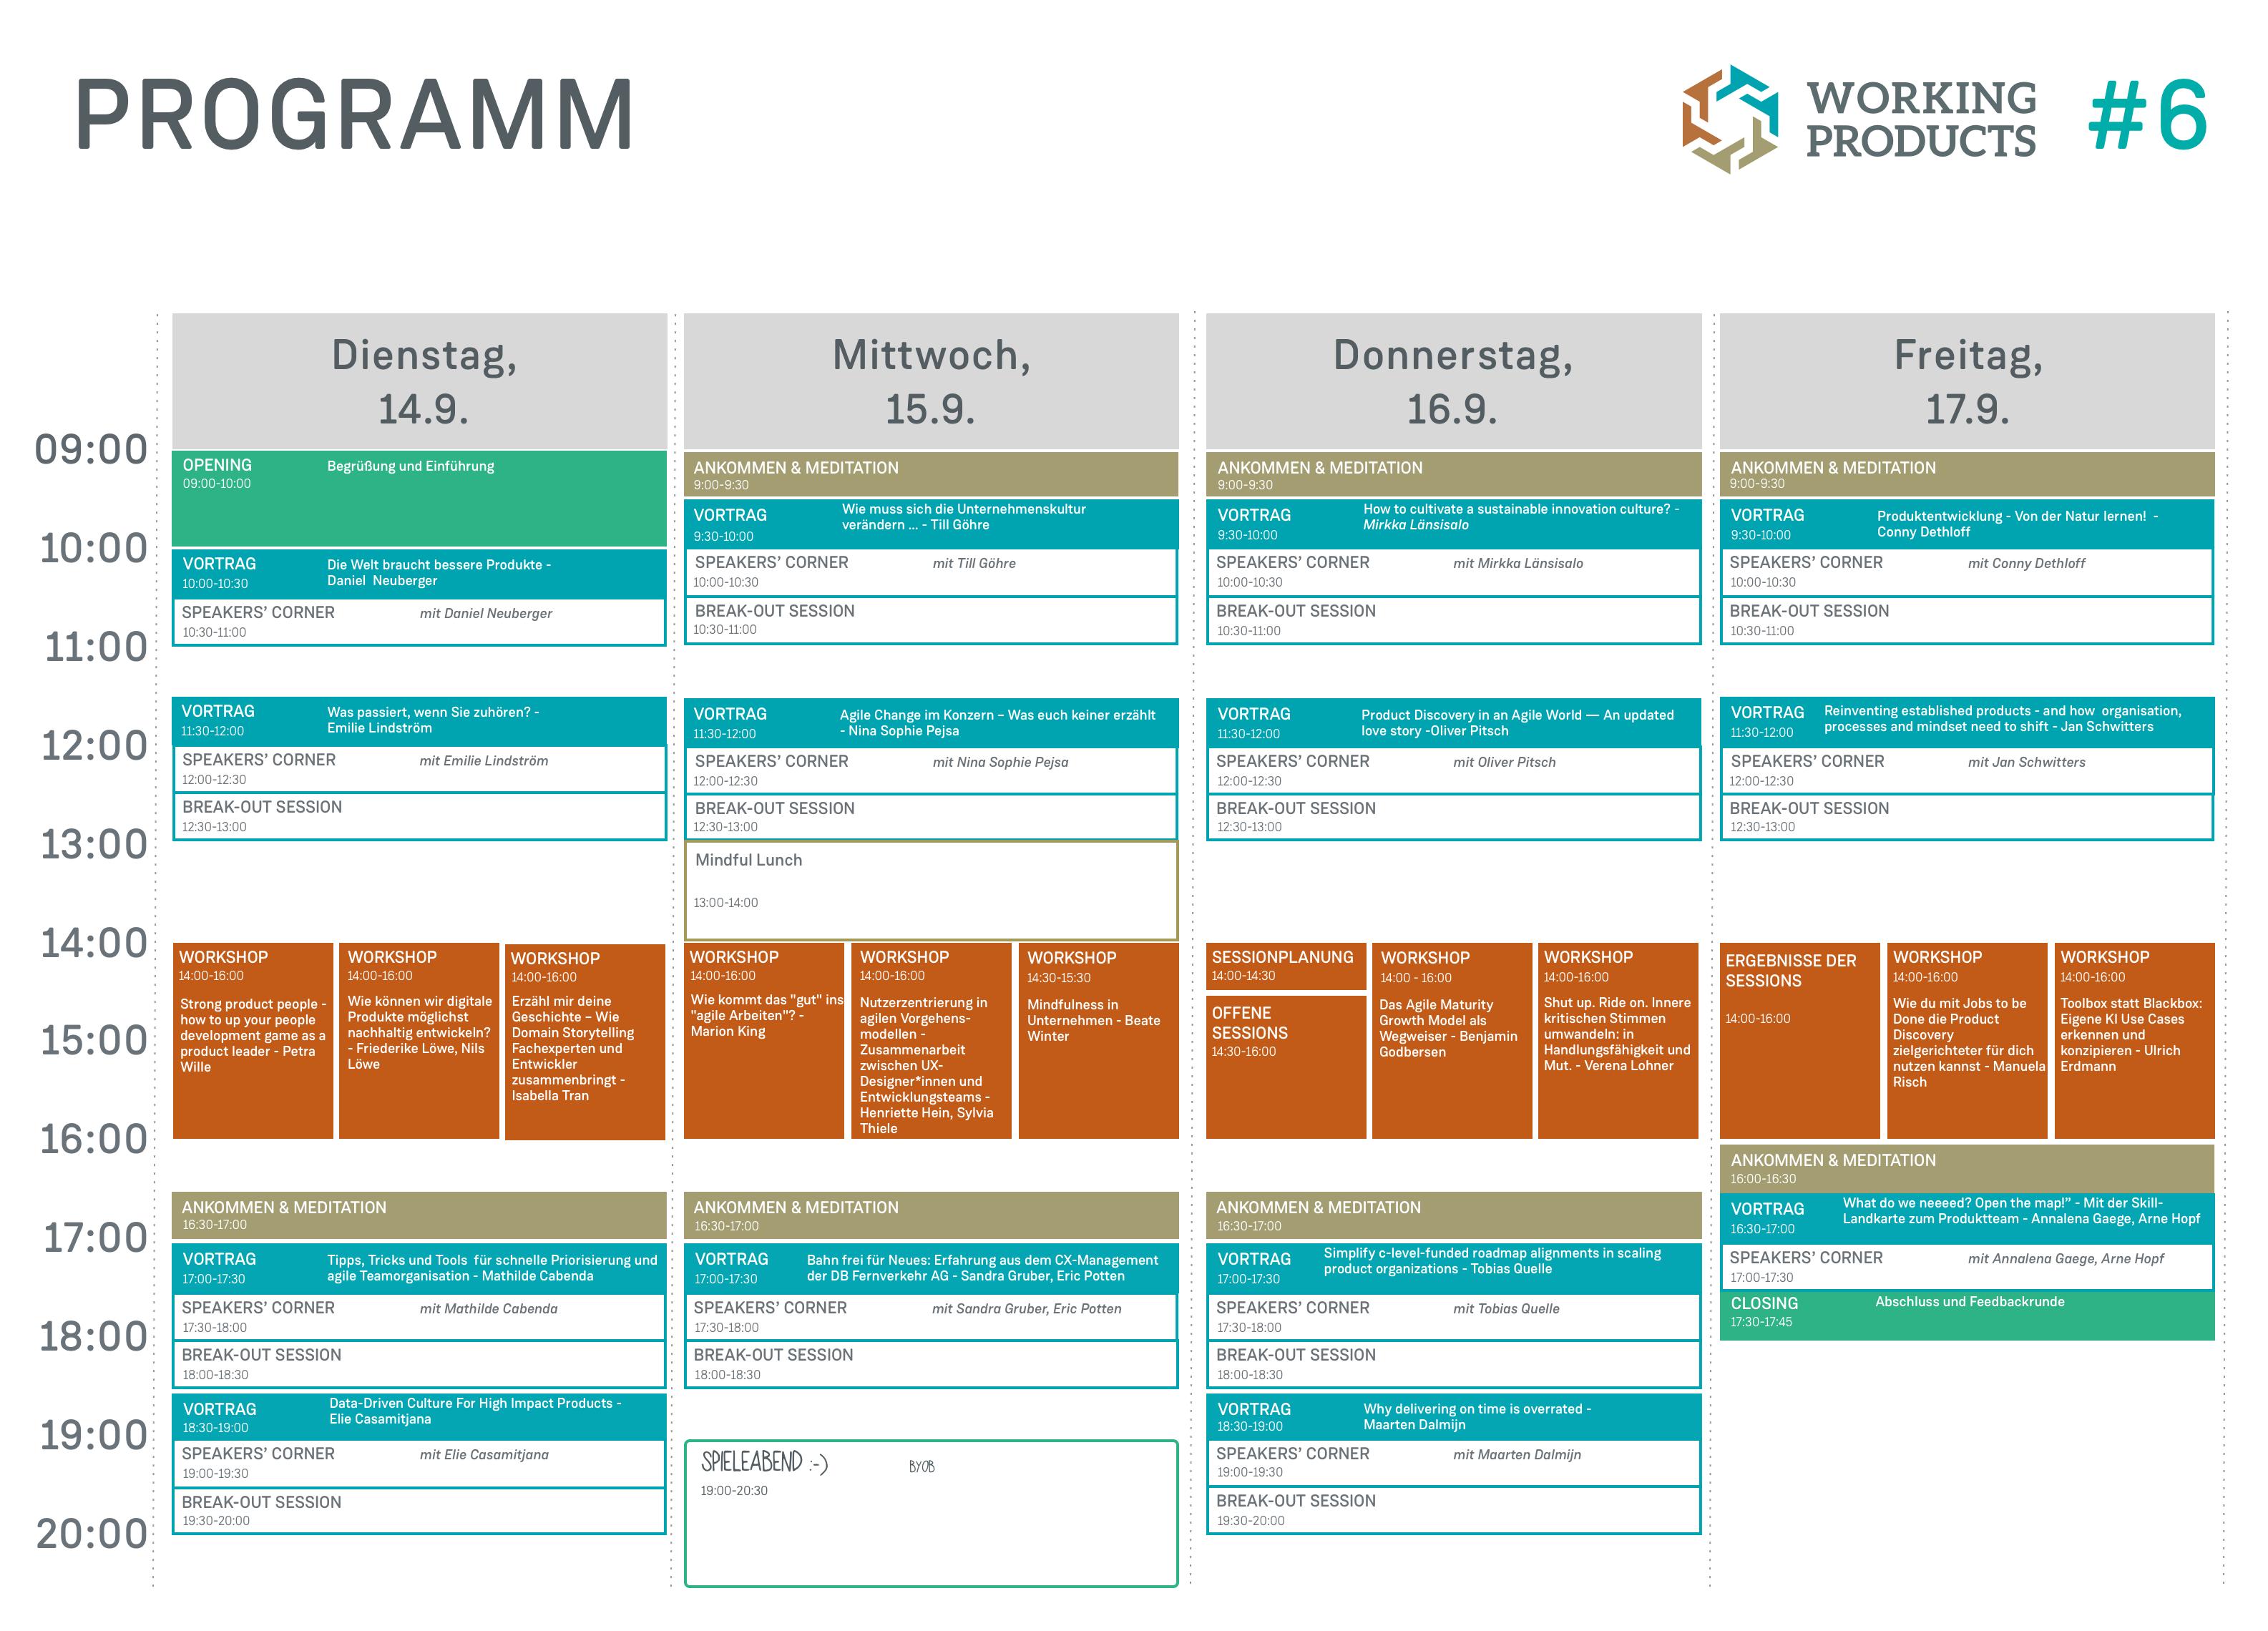 Programm der Working Products Konferenz 2021